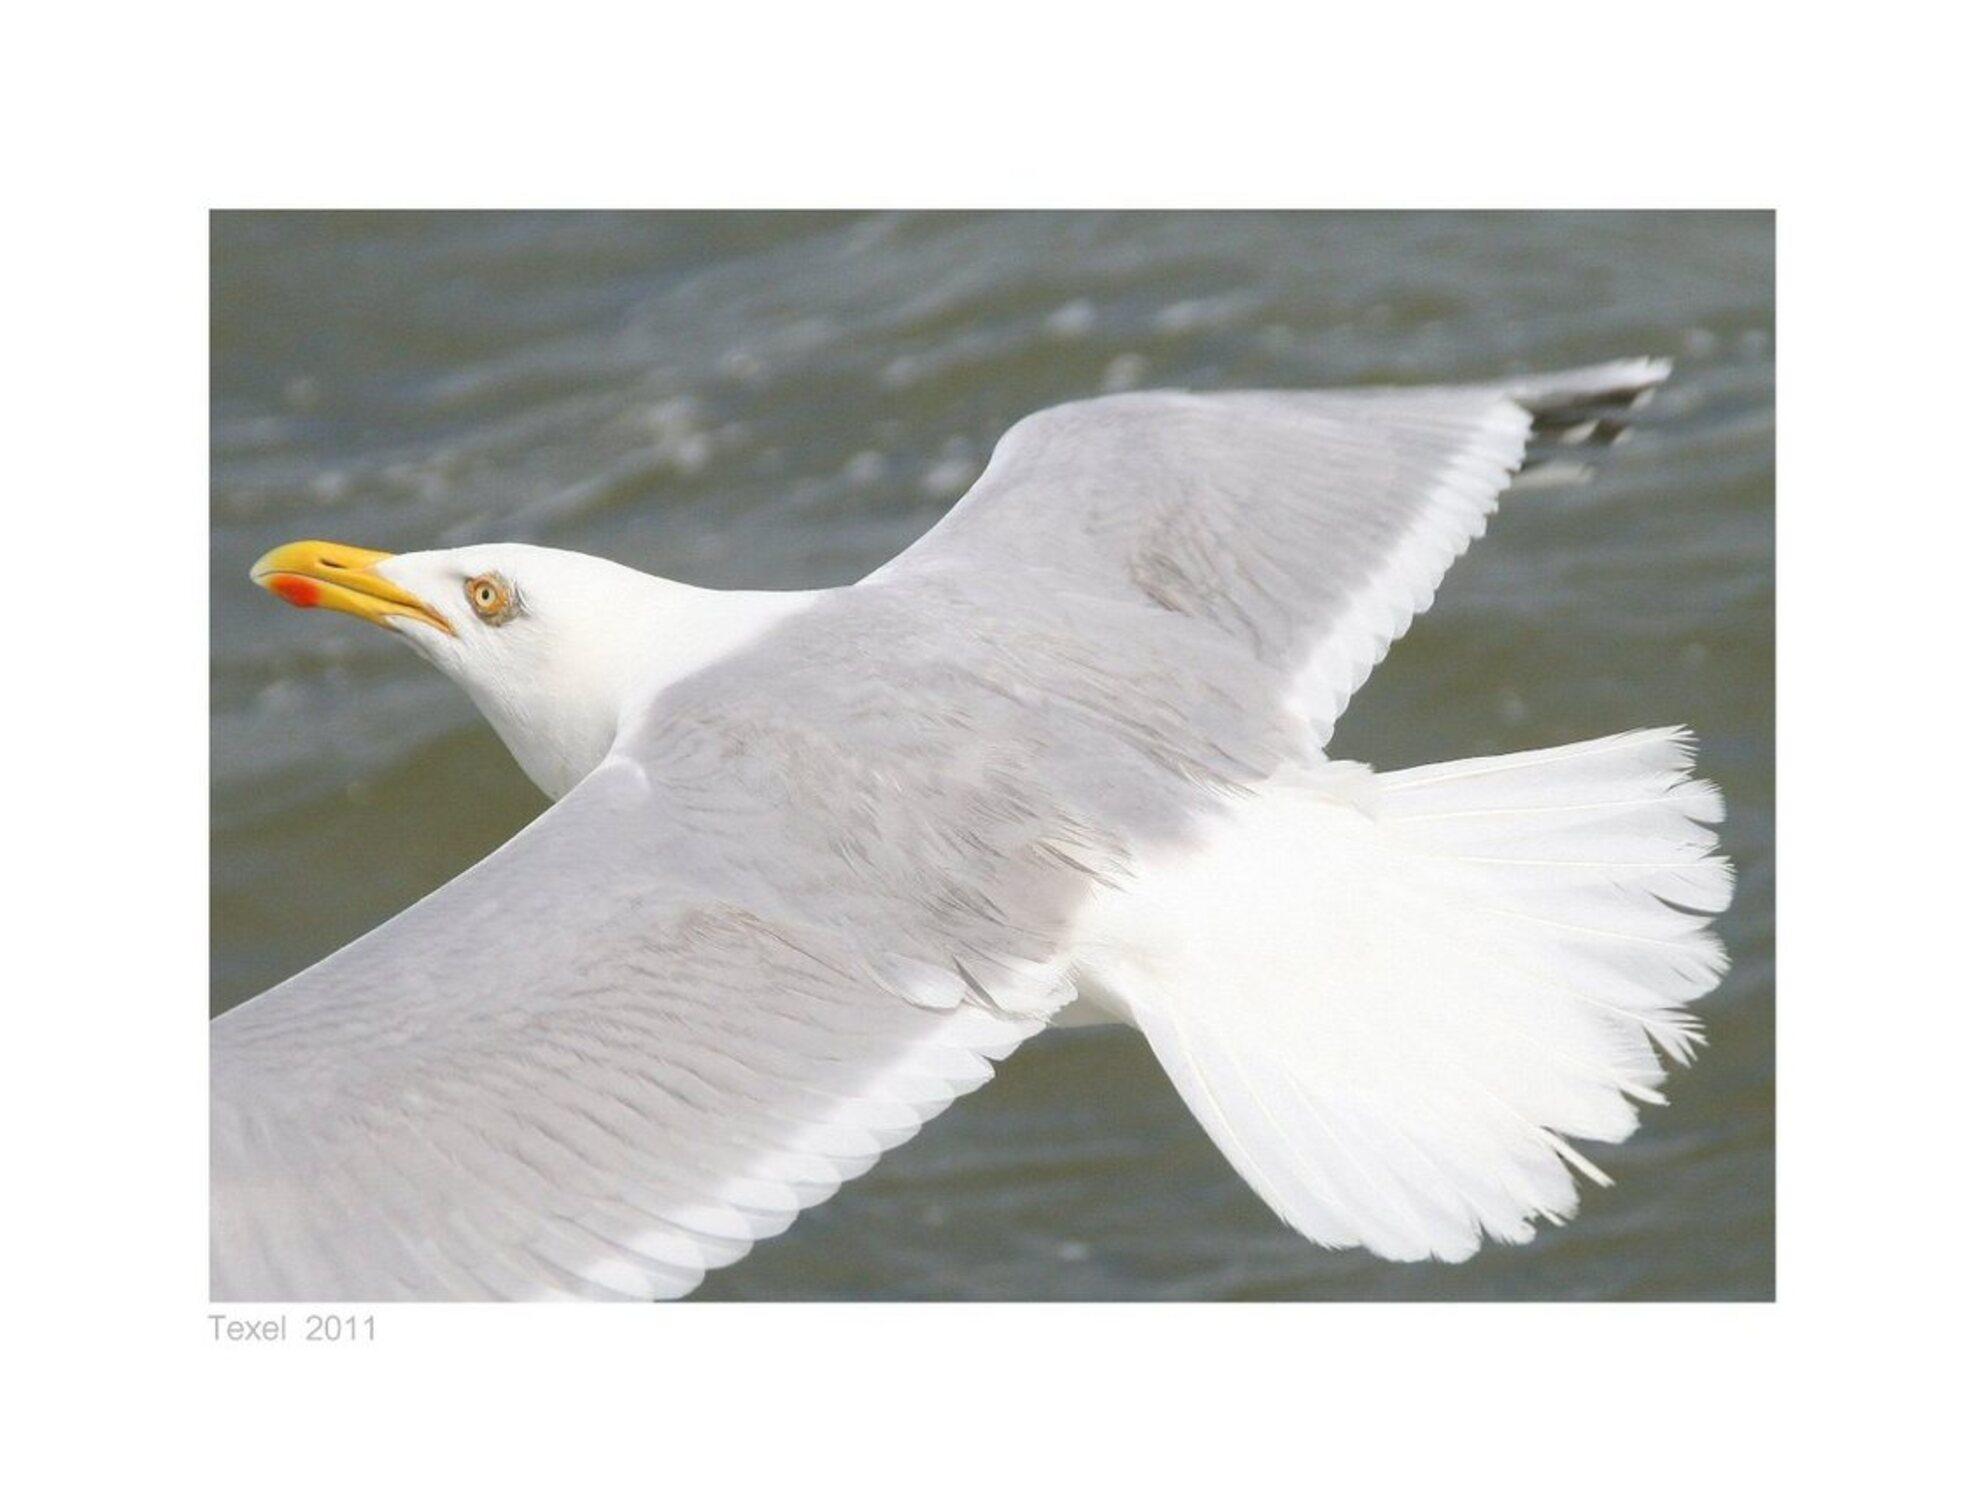 zeemeeuw Texel ll - had nooit eerder vogels gefotografeerd, leuk om te doen... - foto door loesje1964 op 31-07-2011 - deze foto bevat: water, vogels, zeemeeuw, texel - Deze foto mag gebruikt worden in een Zoom.nl publicatie